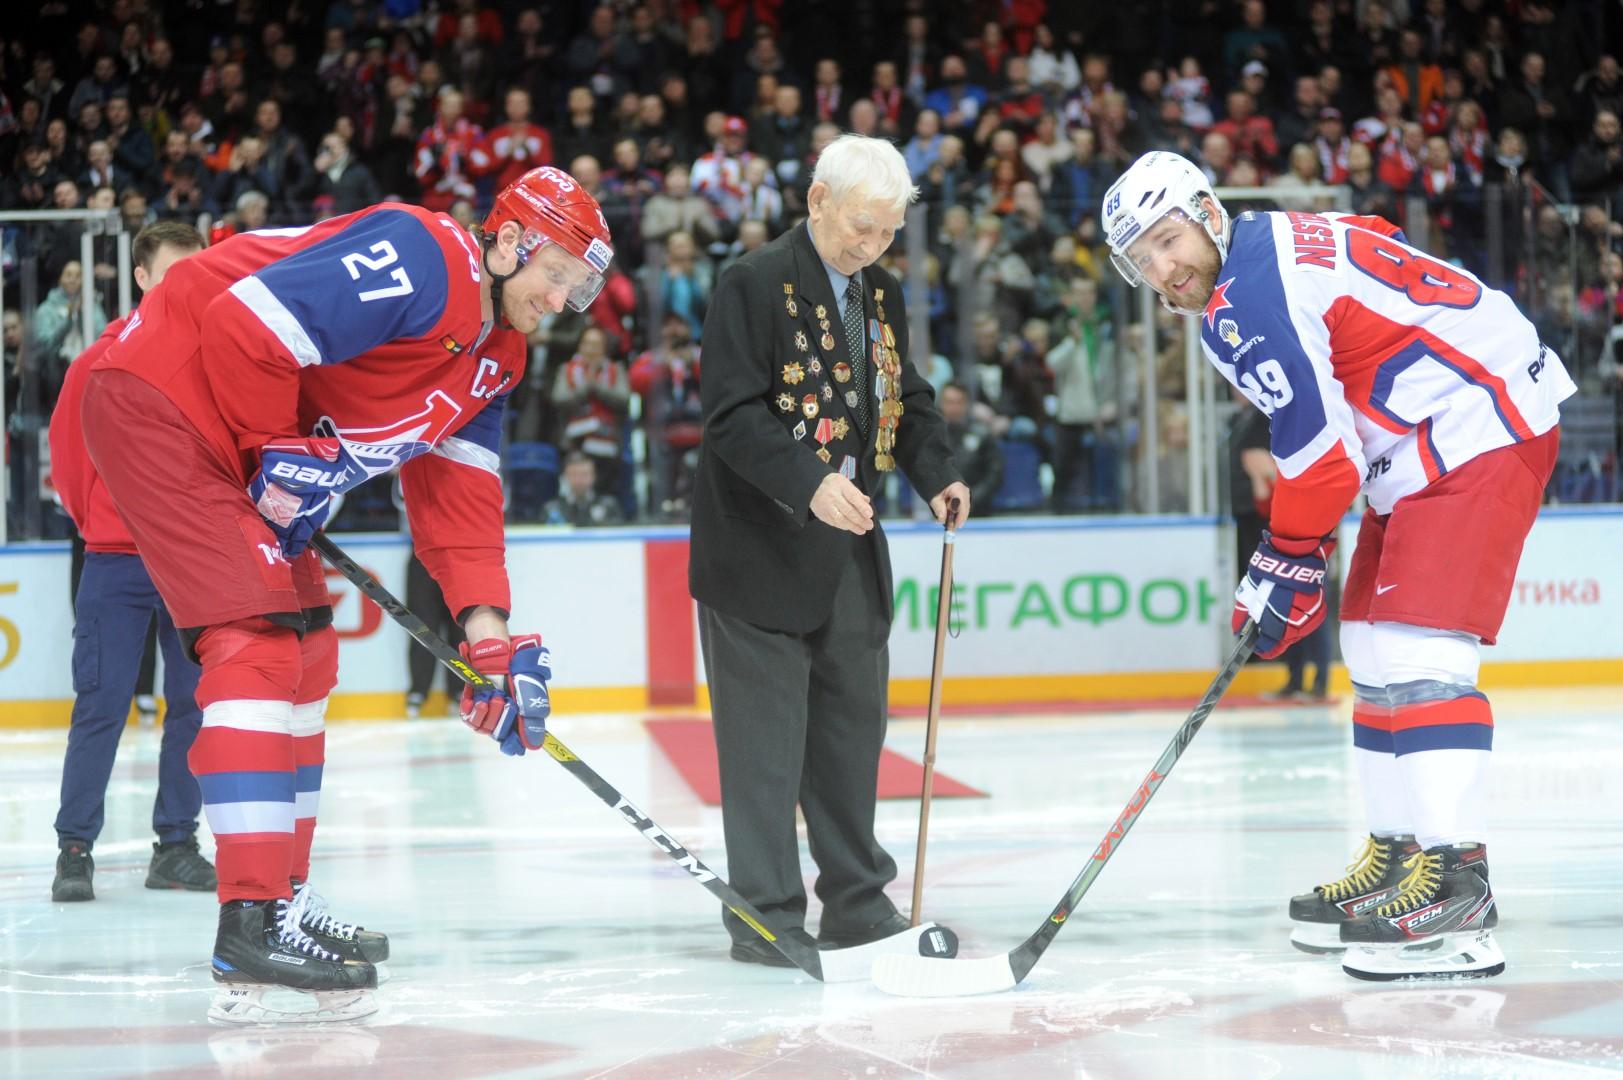 Ветеран войны произвел стартовое вбрасывание на матче «Локомотива» и ЦСКА: фото